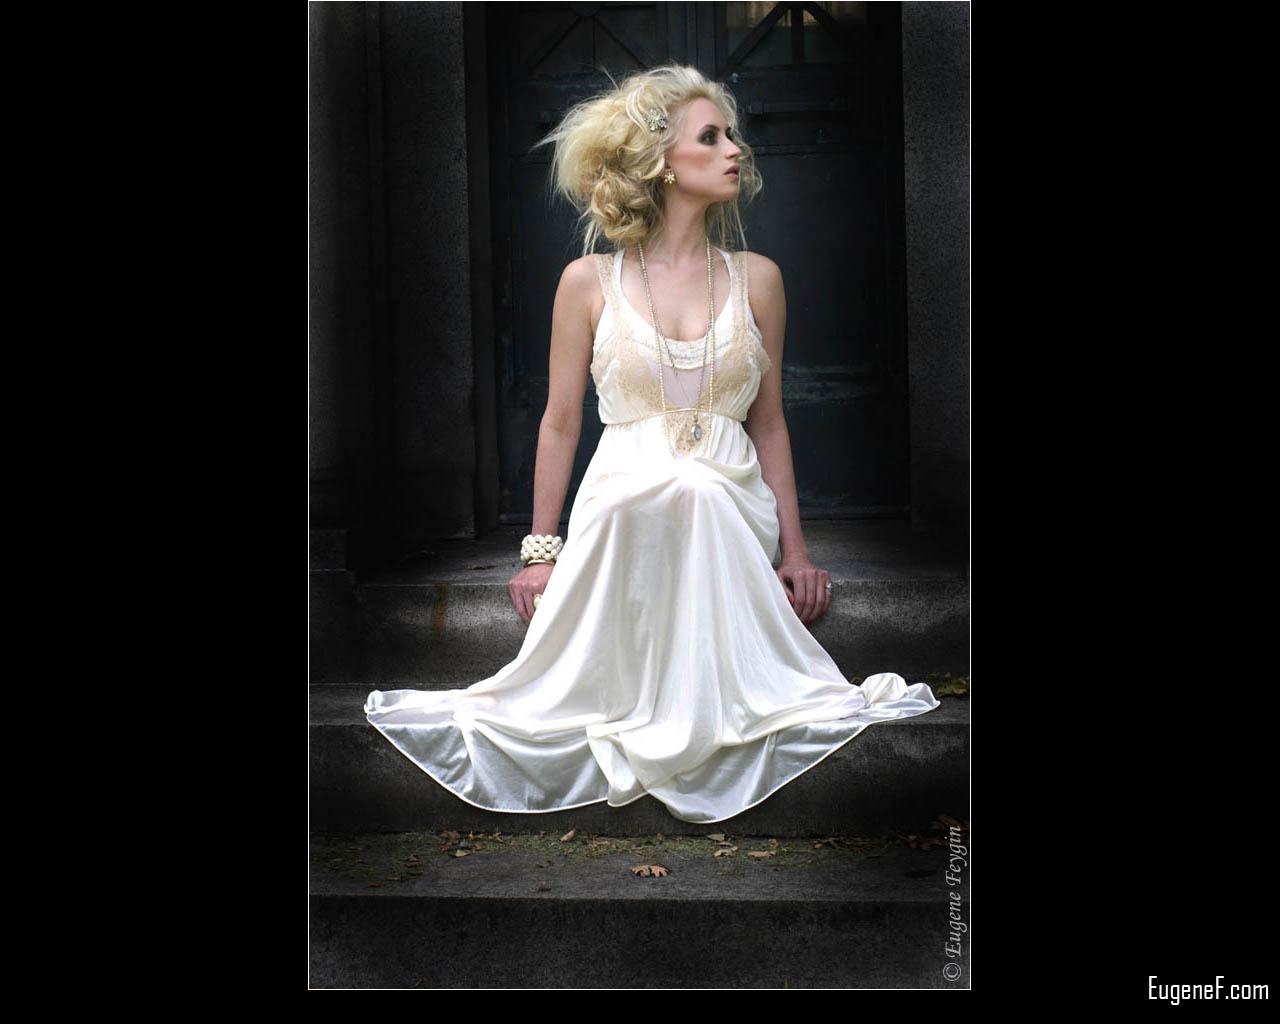 White Gown Fashion